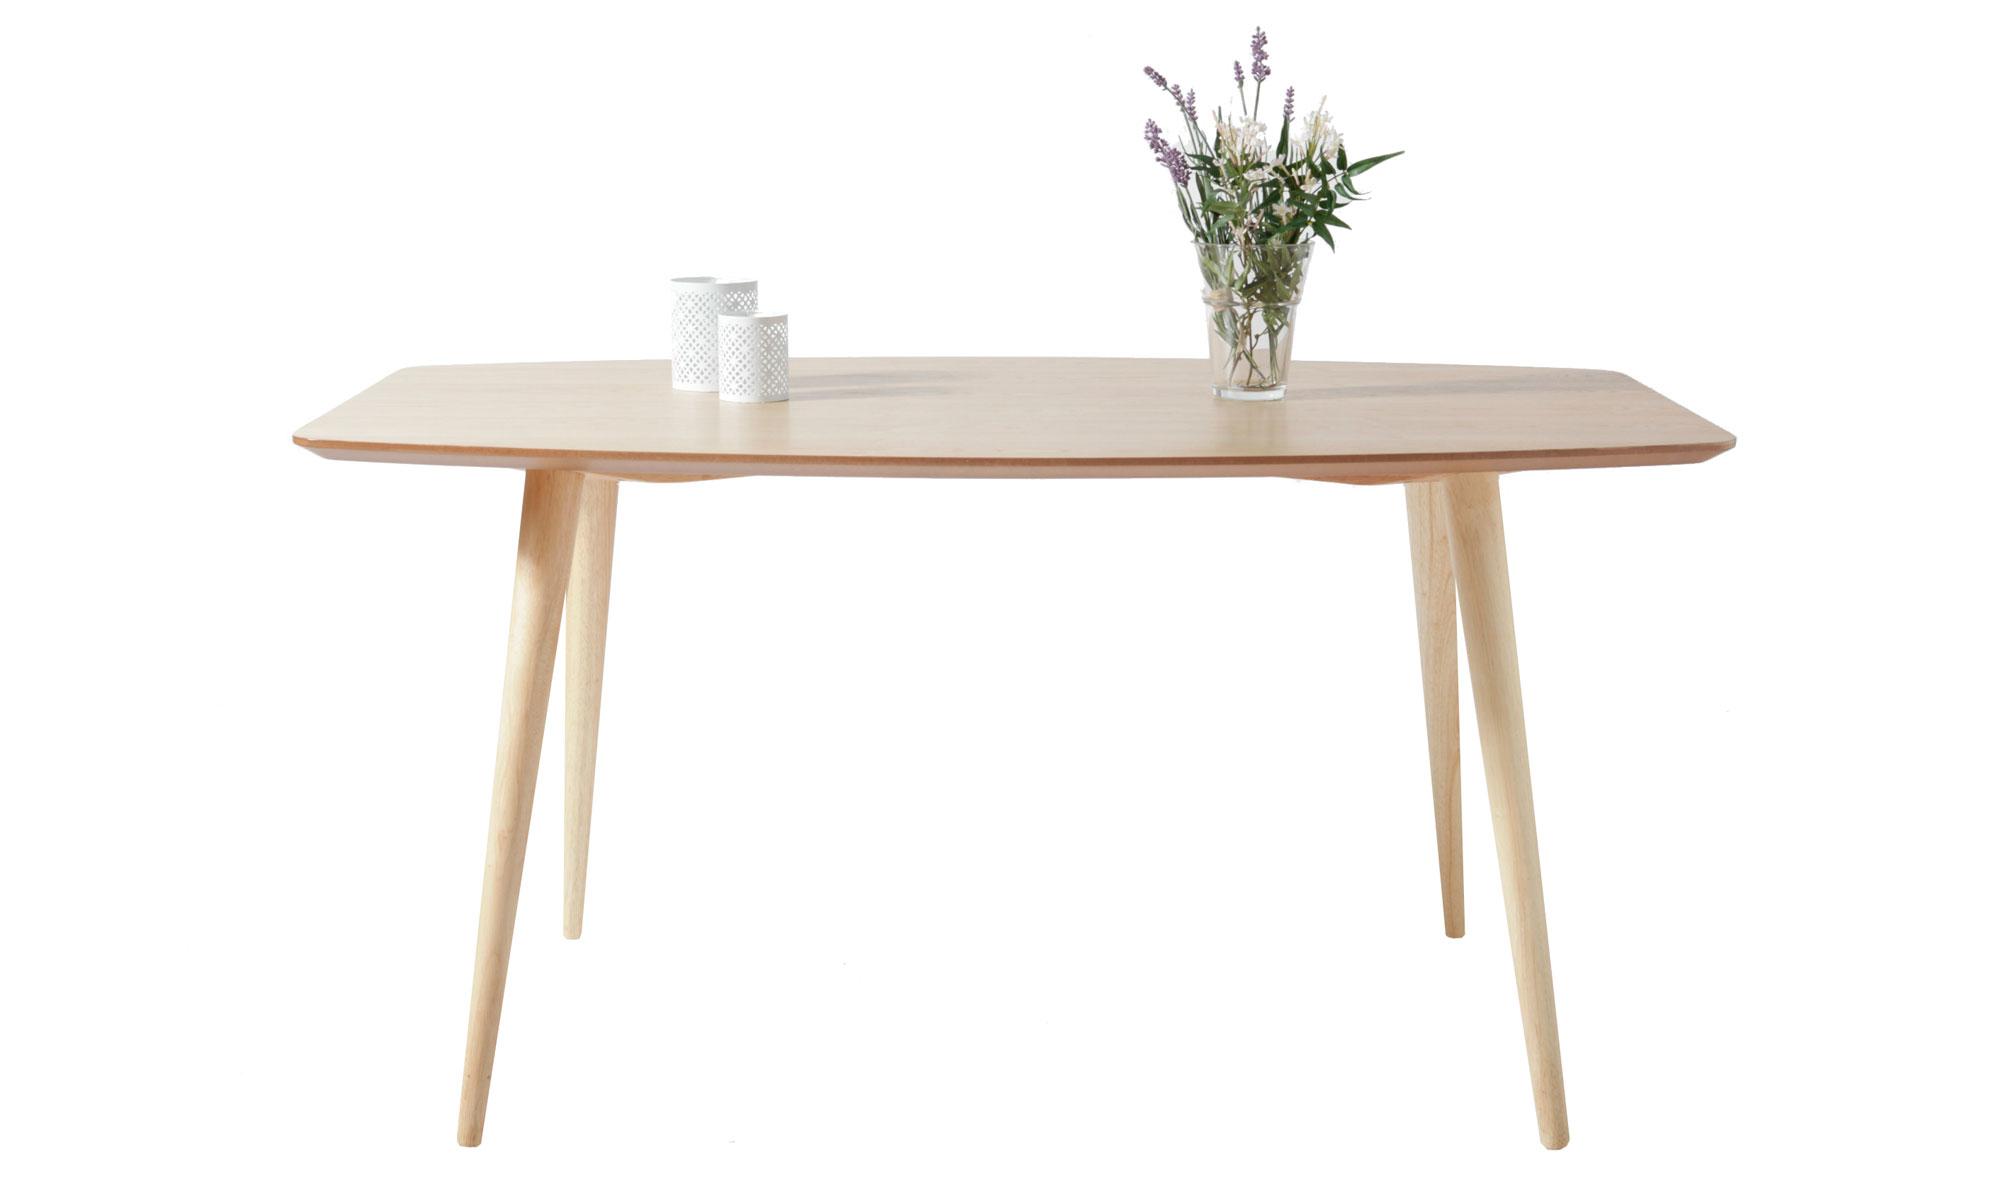 Mesa de comedor nordica kele en for Subastas muebles madrid